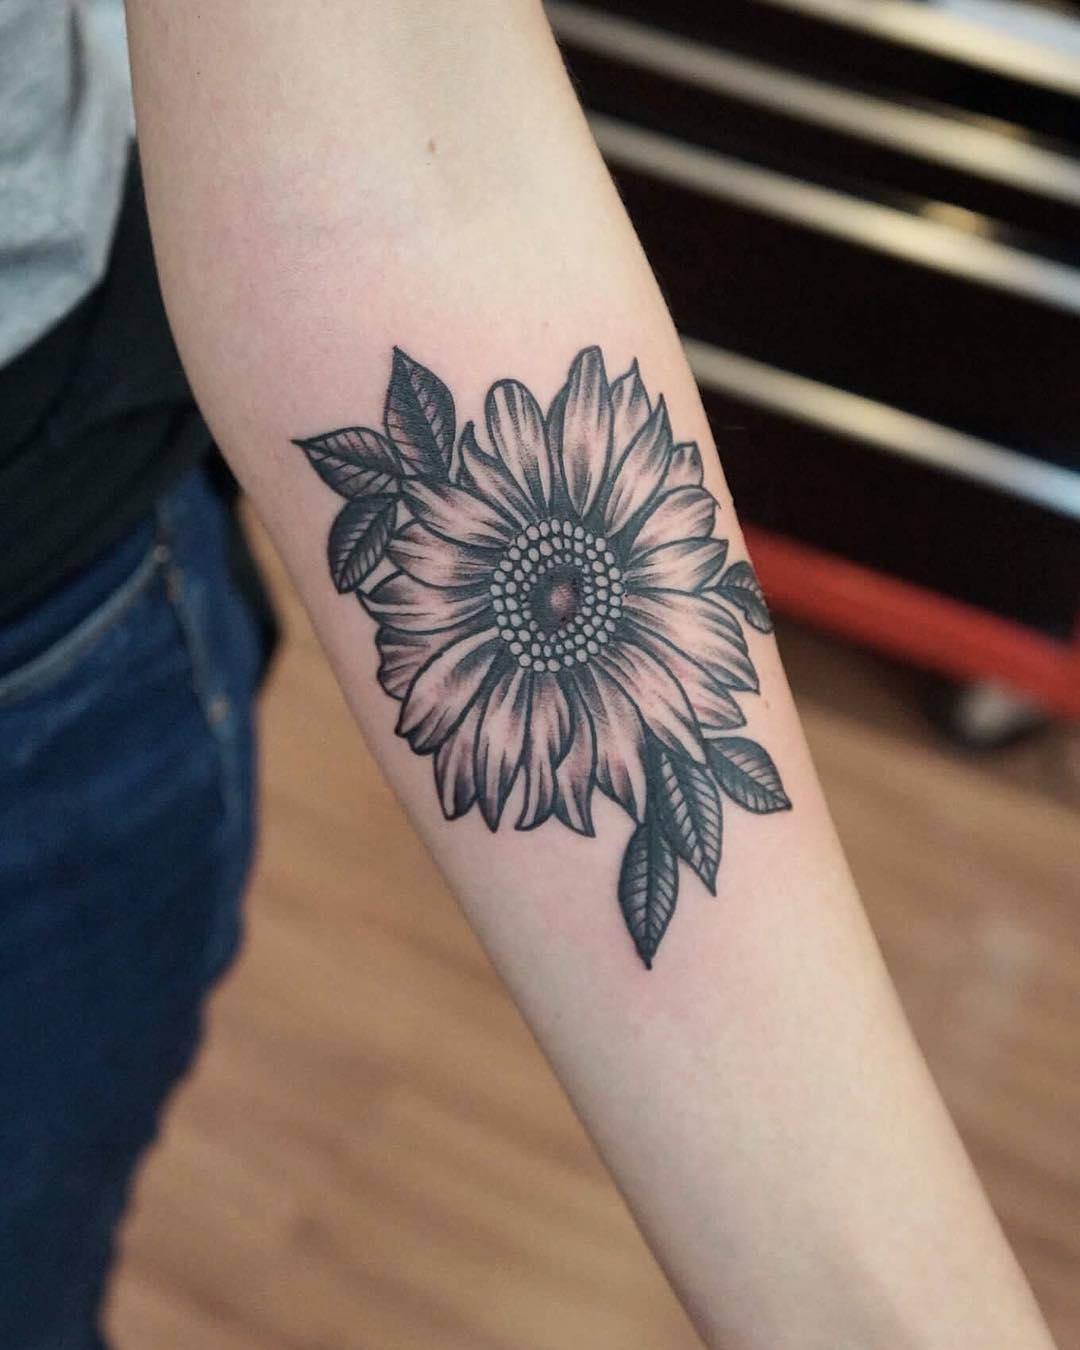 逑小姐小臂黑灰太阳花纹身图案